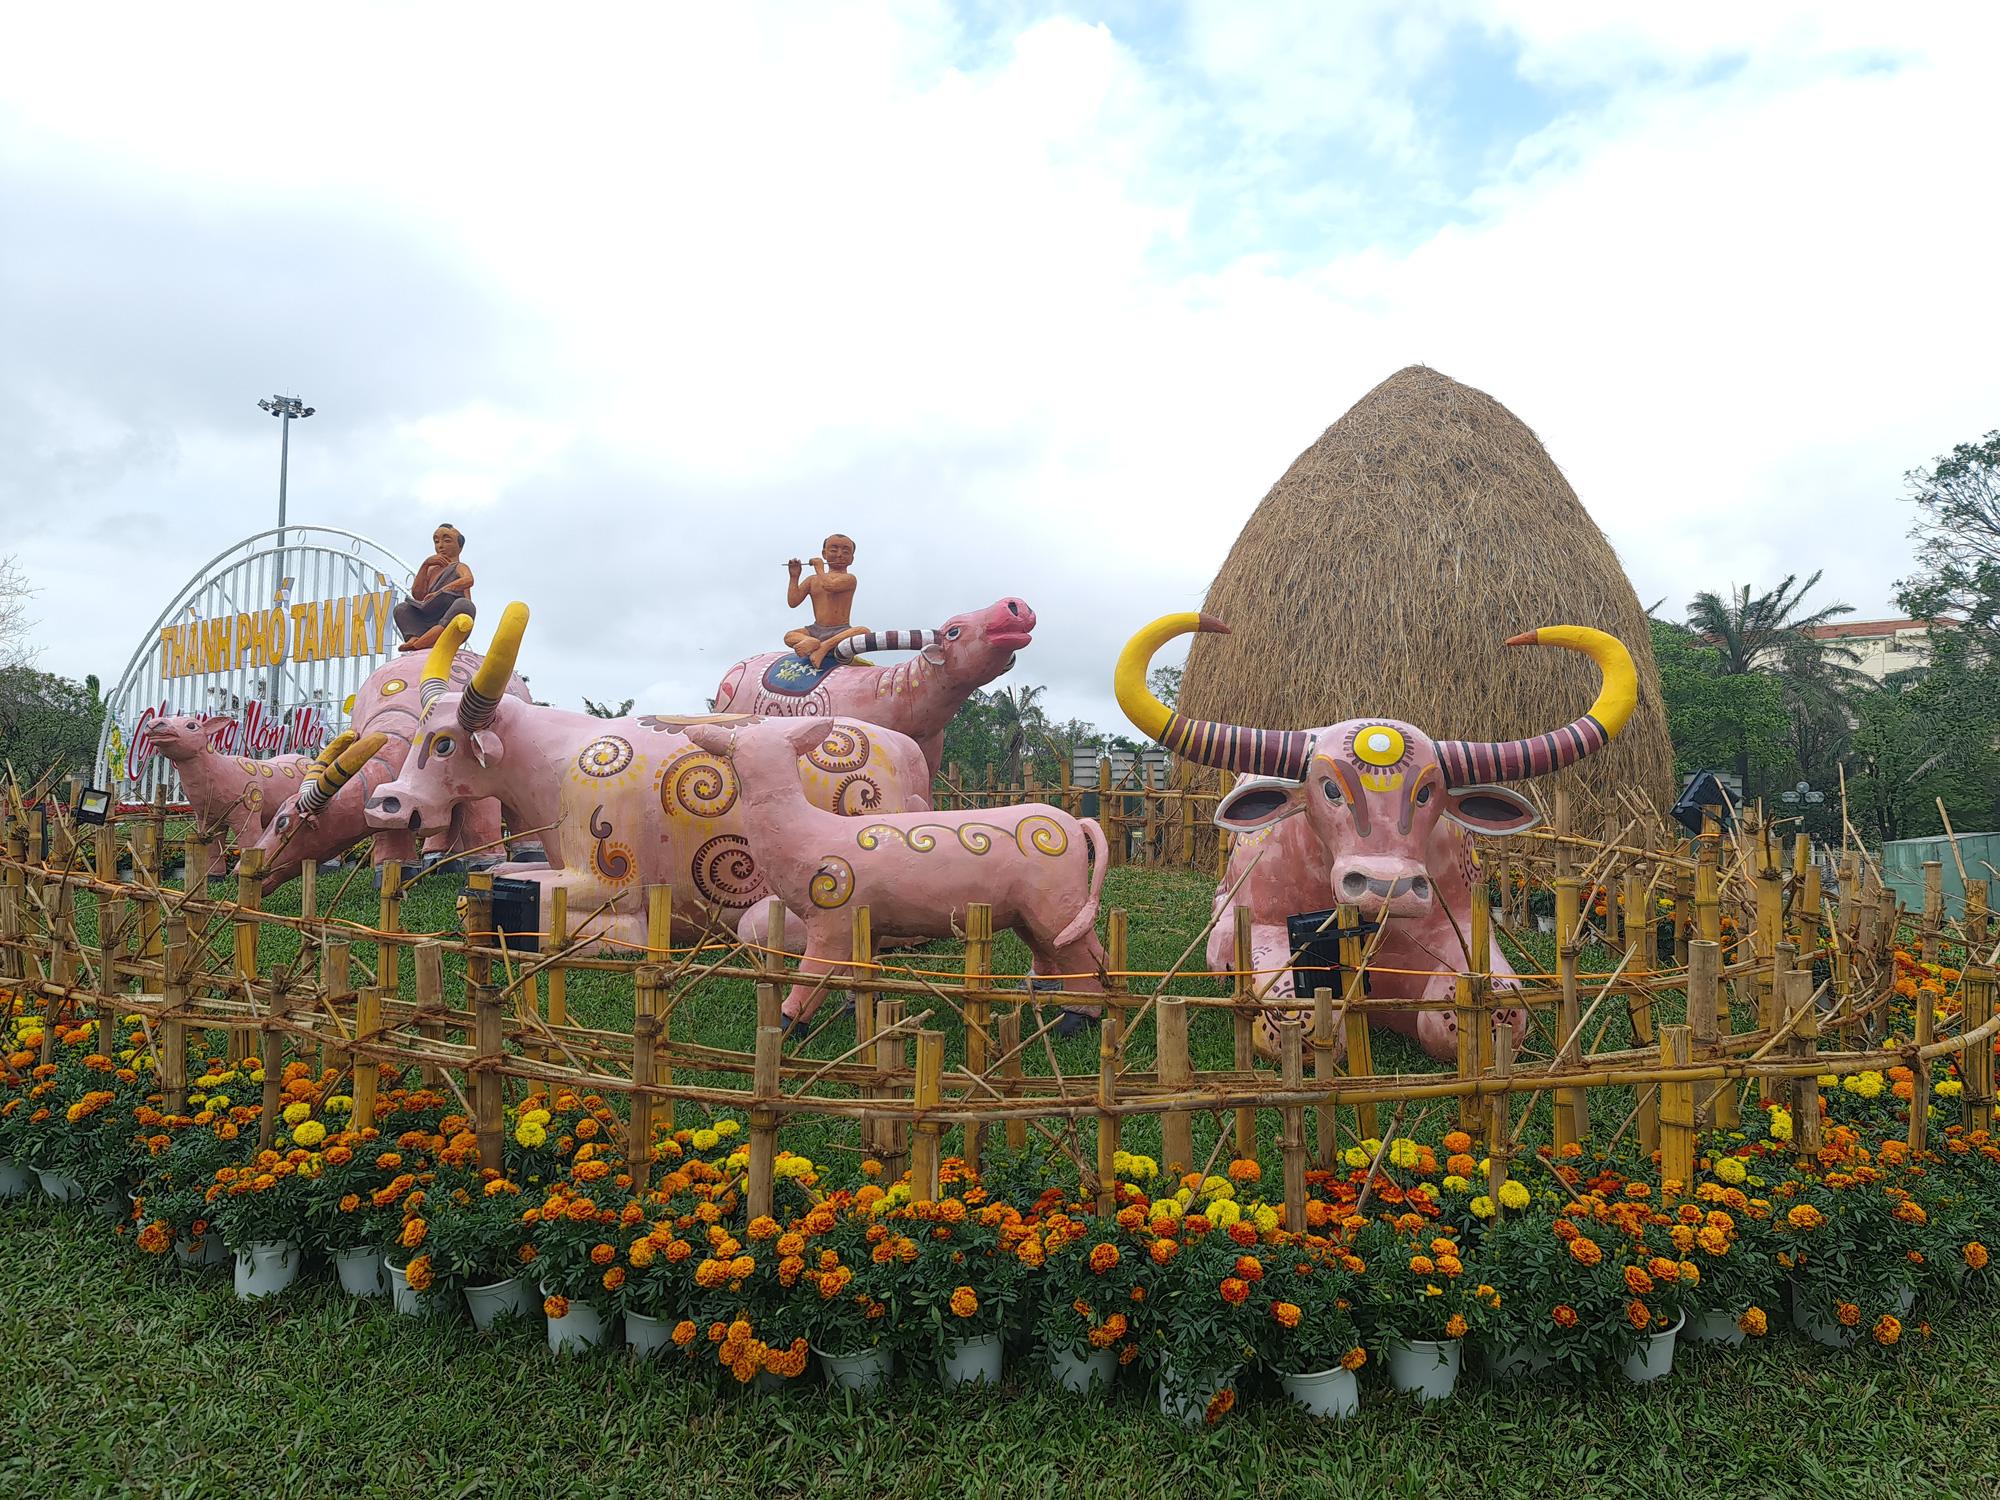 Quảng trường lớn nhất tỉnh Quảng Nam được trang trí bằng đồ nhà nông và hàng chục loại hoa sắc sảo - Ảnh 9.